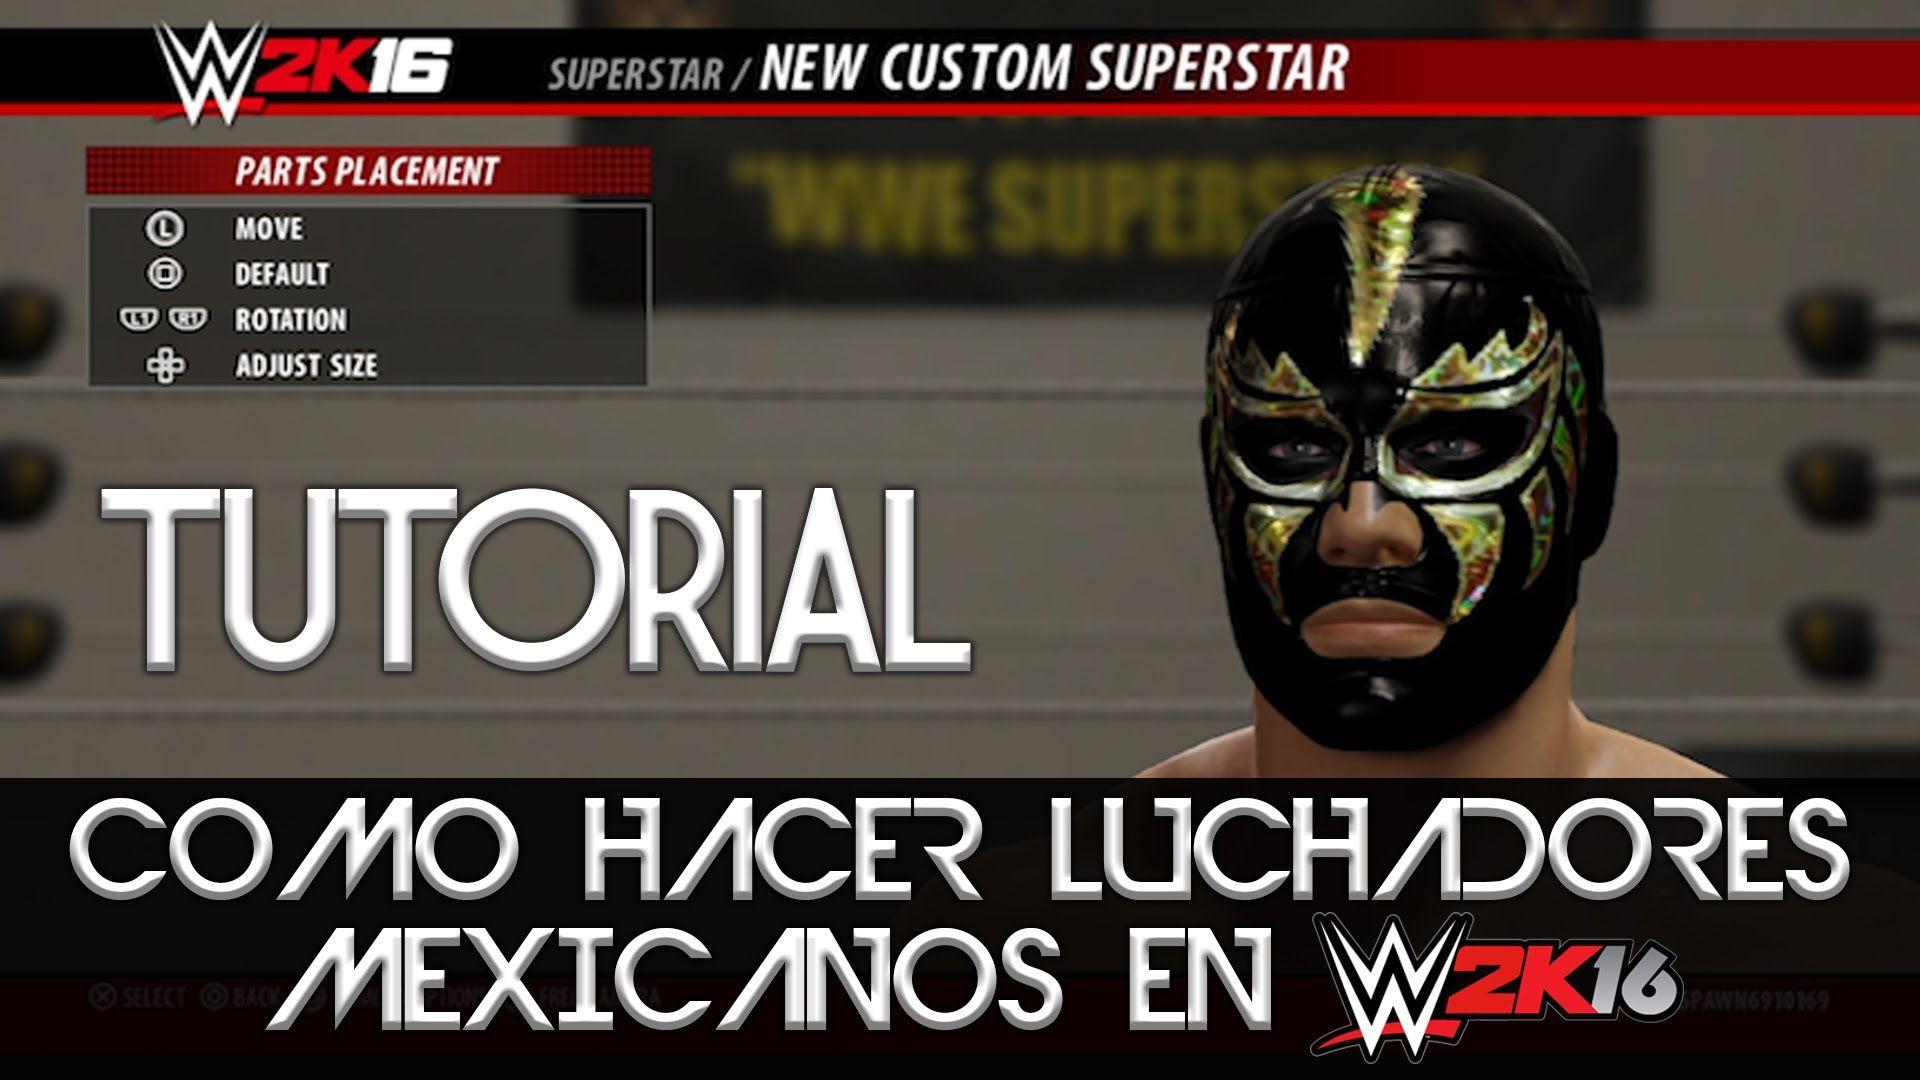 TUTORIAL CÓMO HACER LUCHADORES MEXICANOS EN WWE 2K16 DE FORMA FÁCIL Y RÁ...